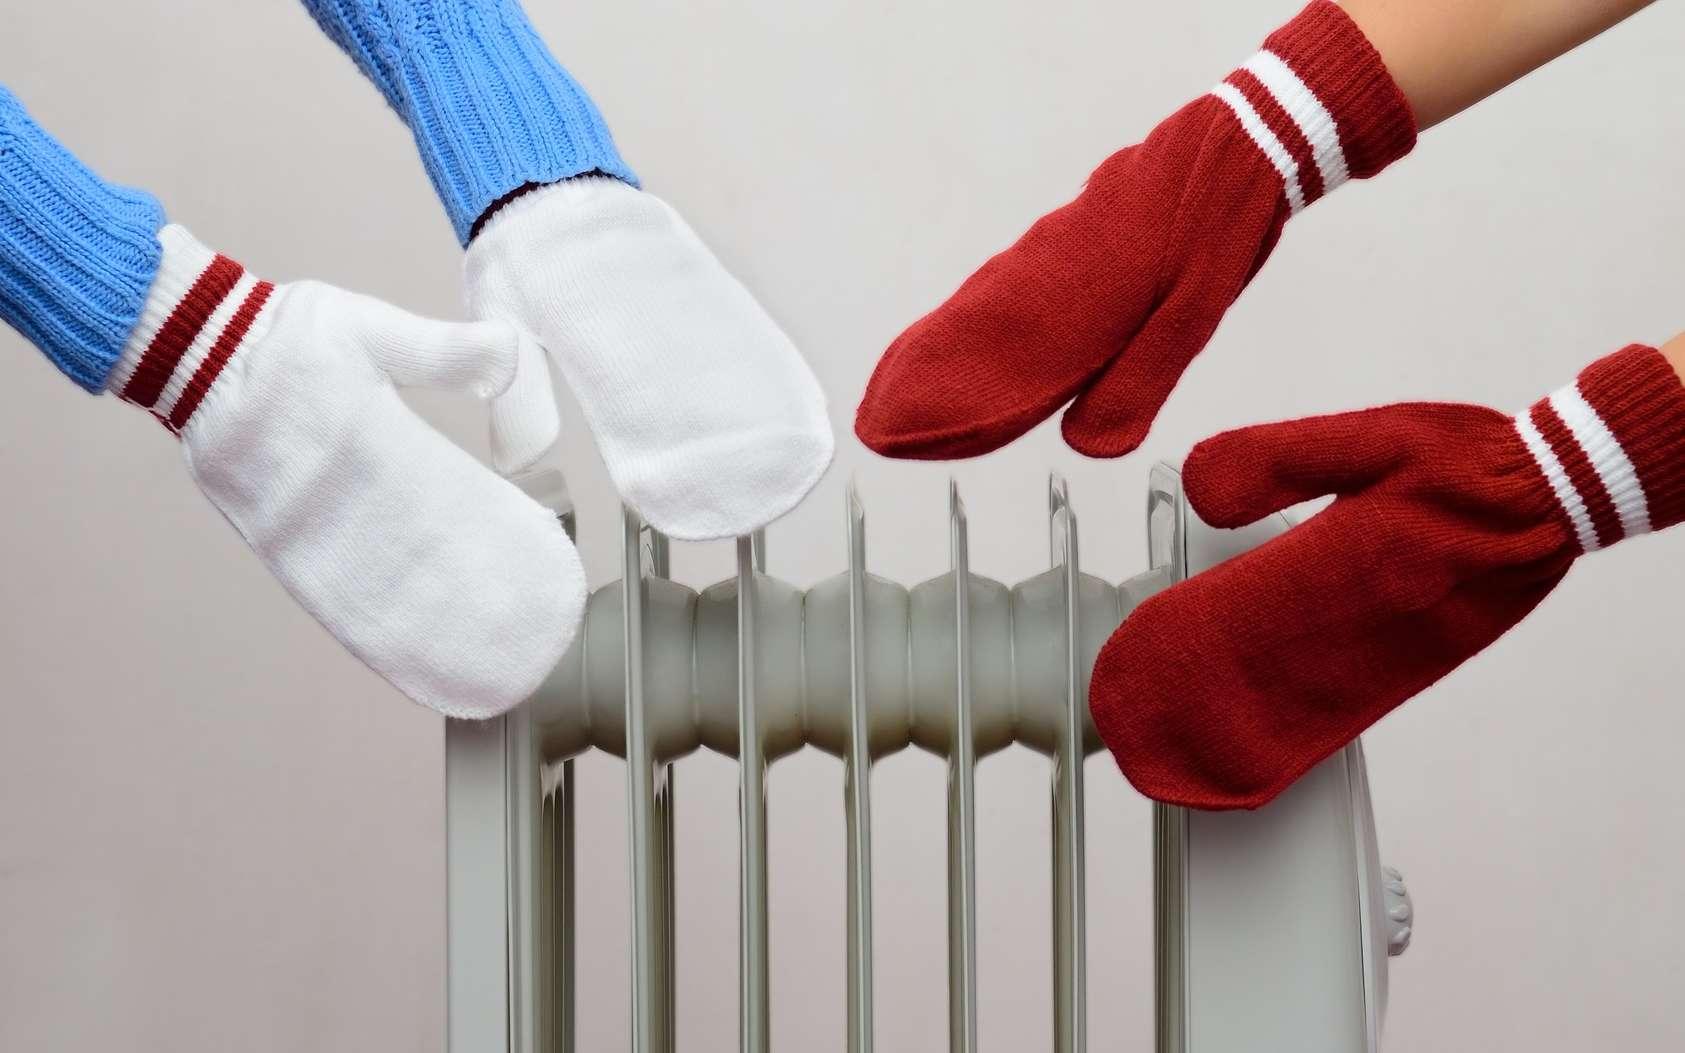 Les neurones sensitifs permettent de percevoir la chaleur par exemple. © Arestov Andrew, Fotolia